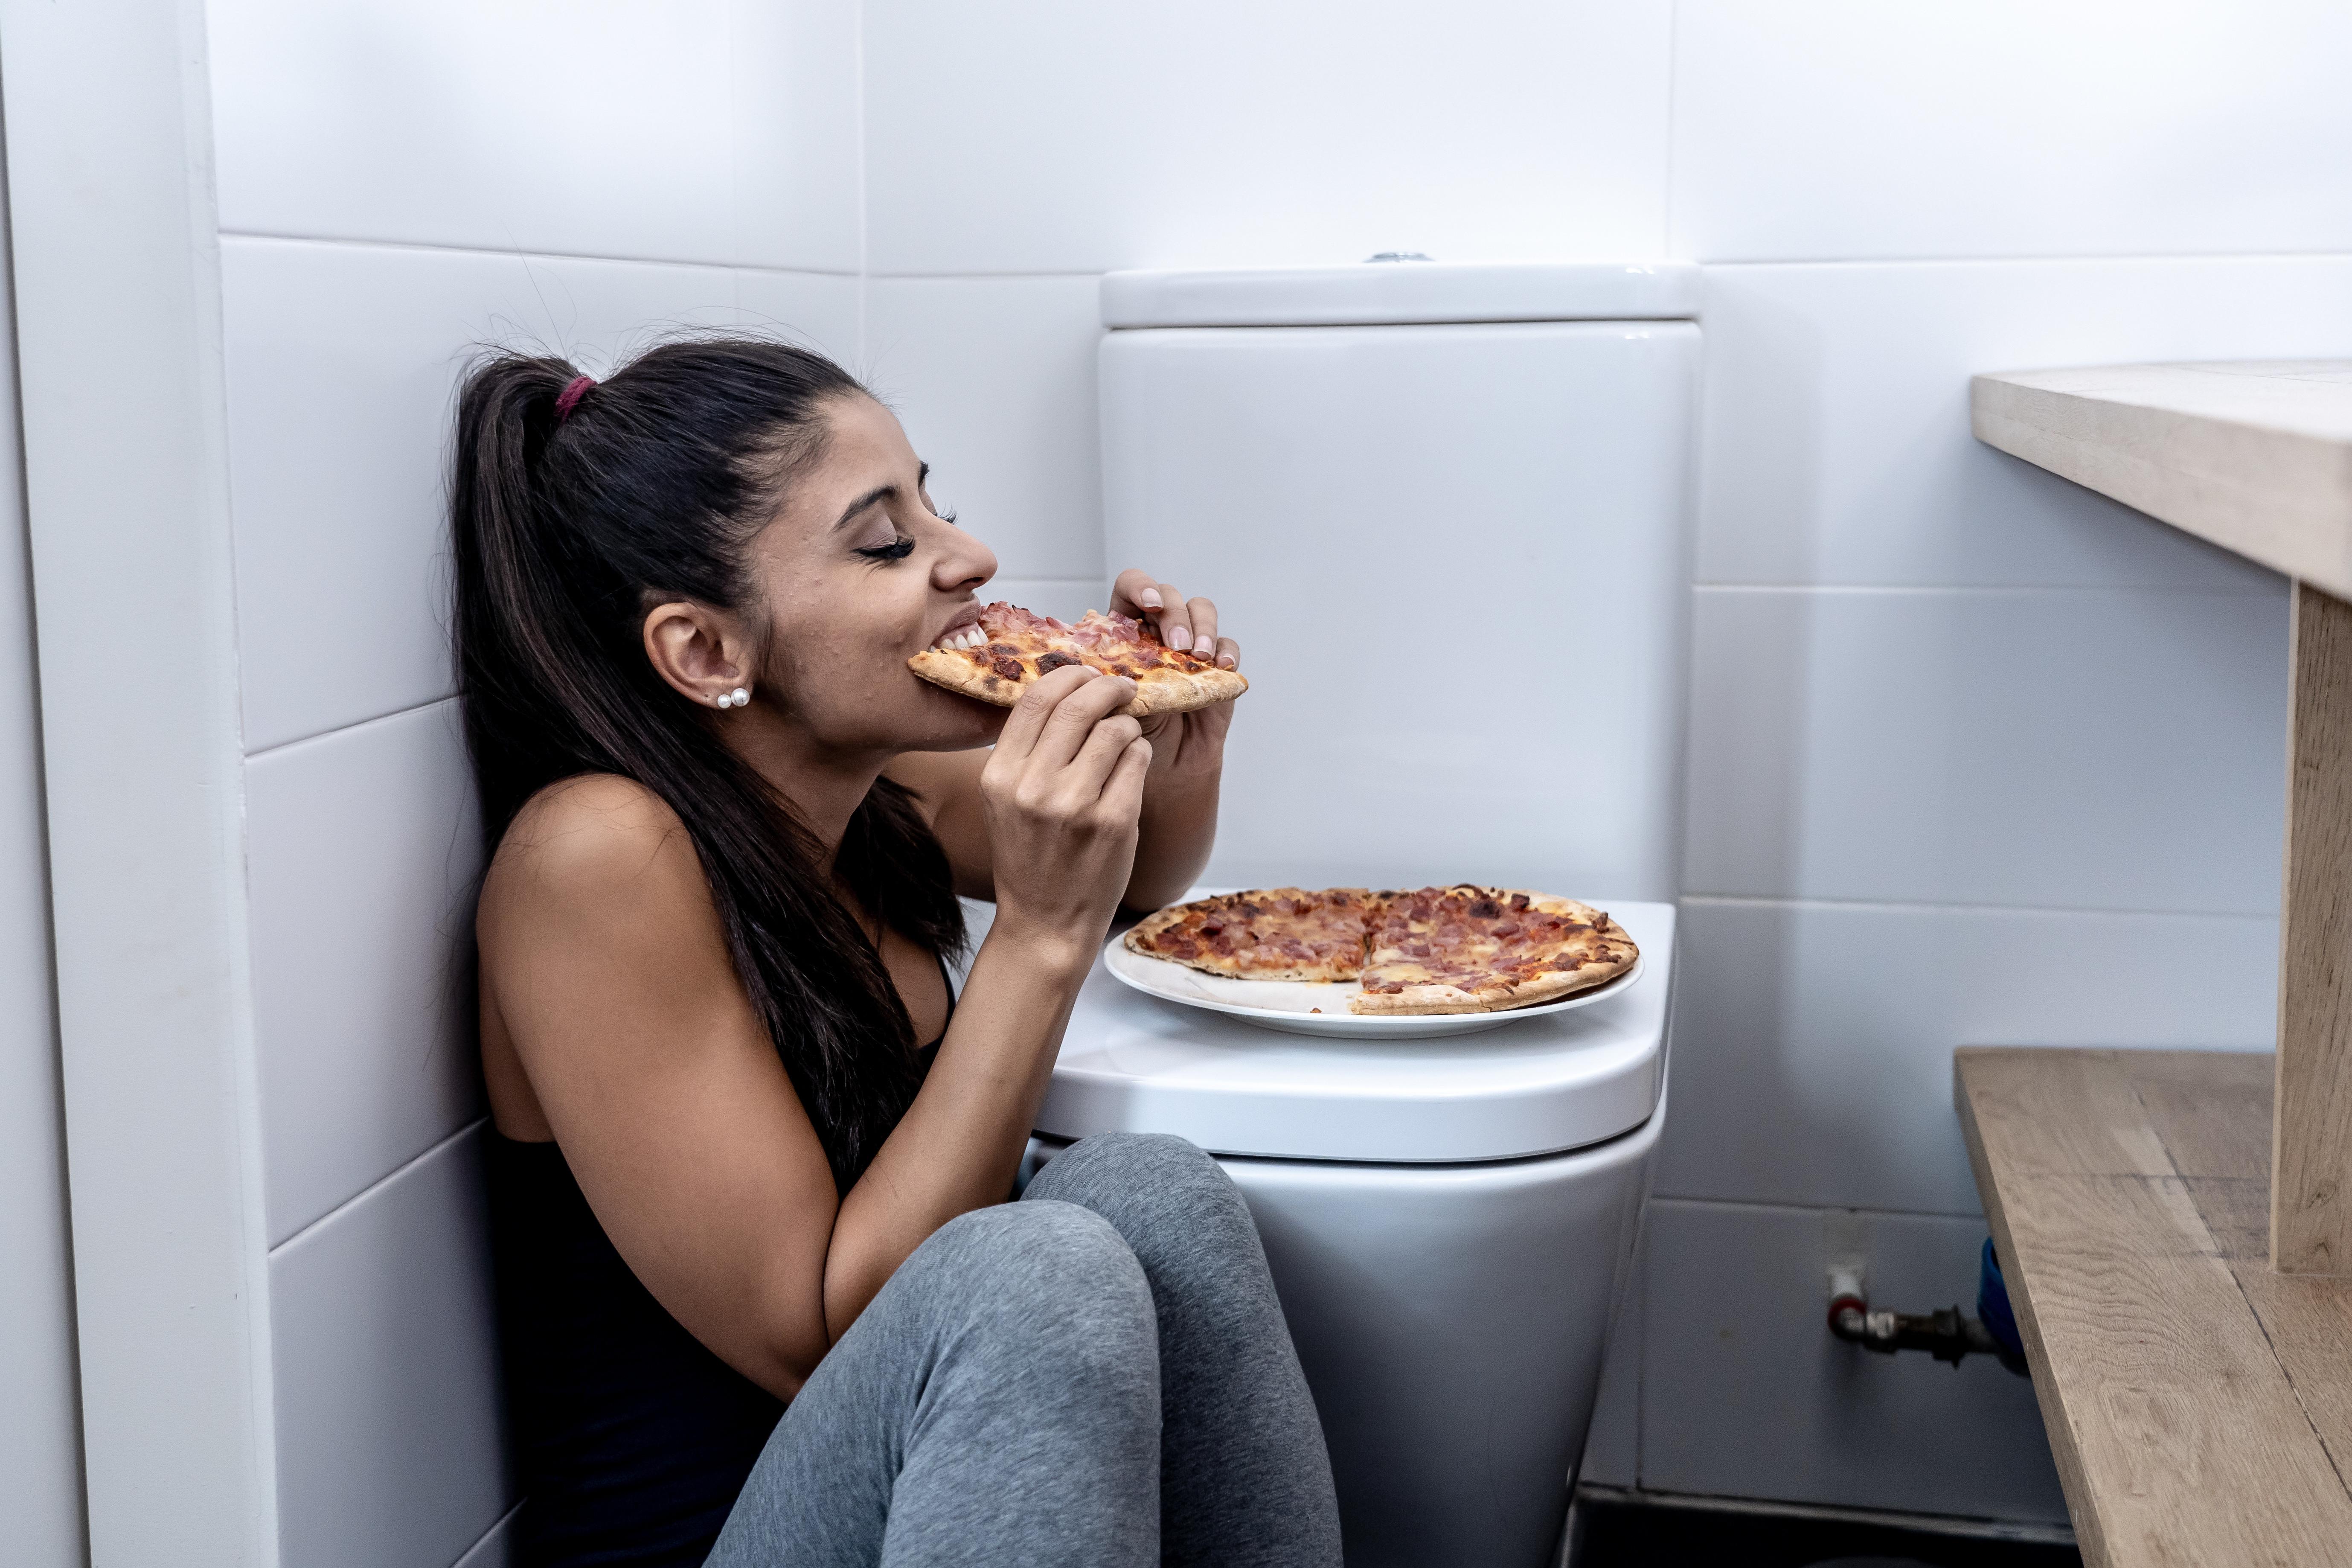 Bulimie, Magersucht, Erstsitzung